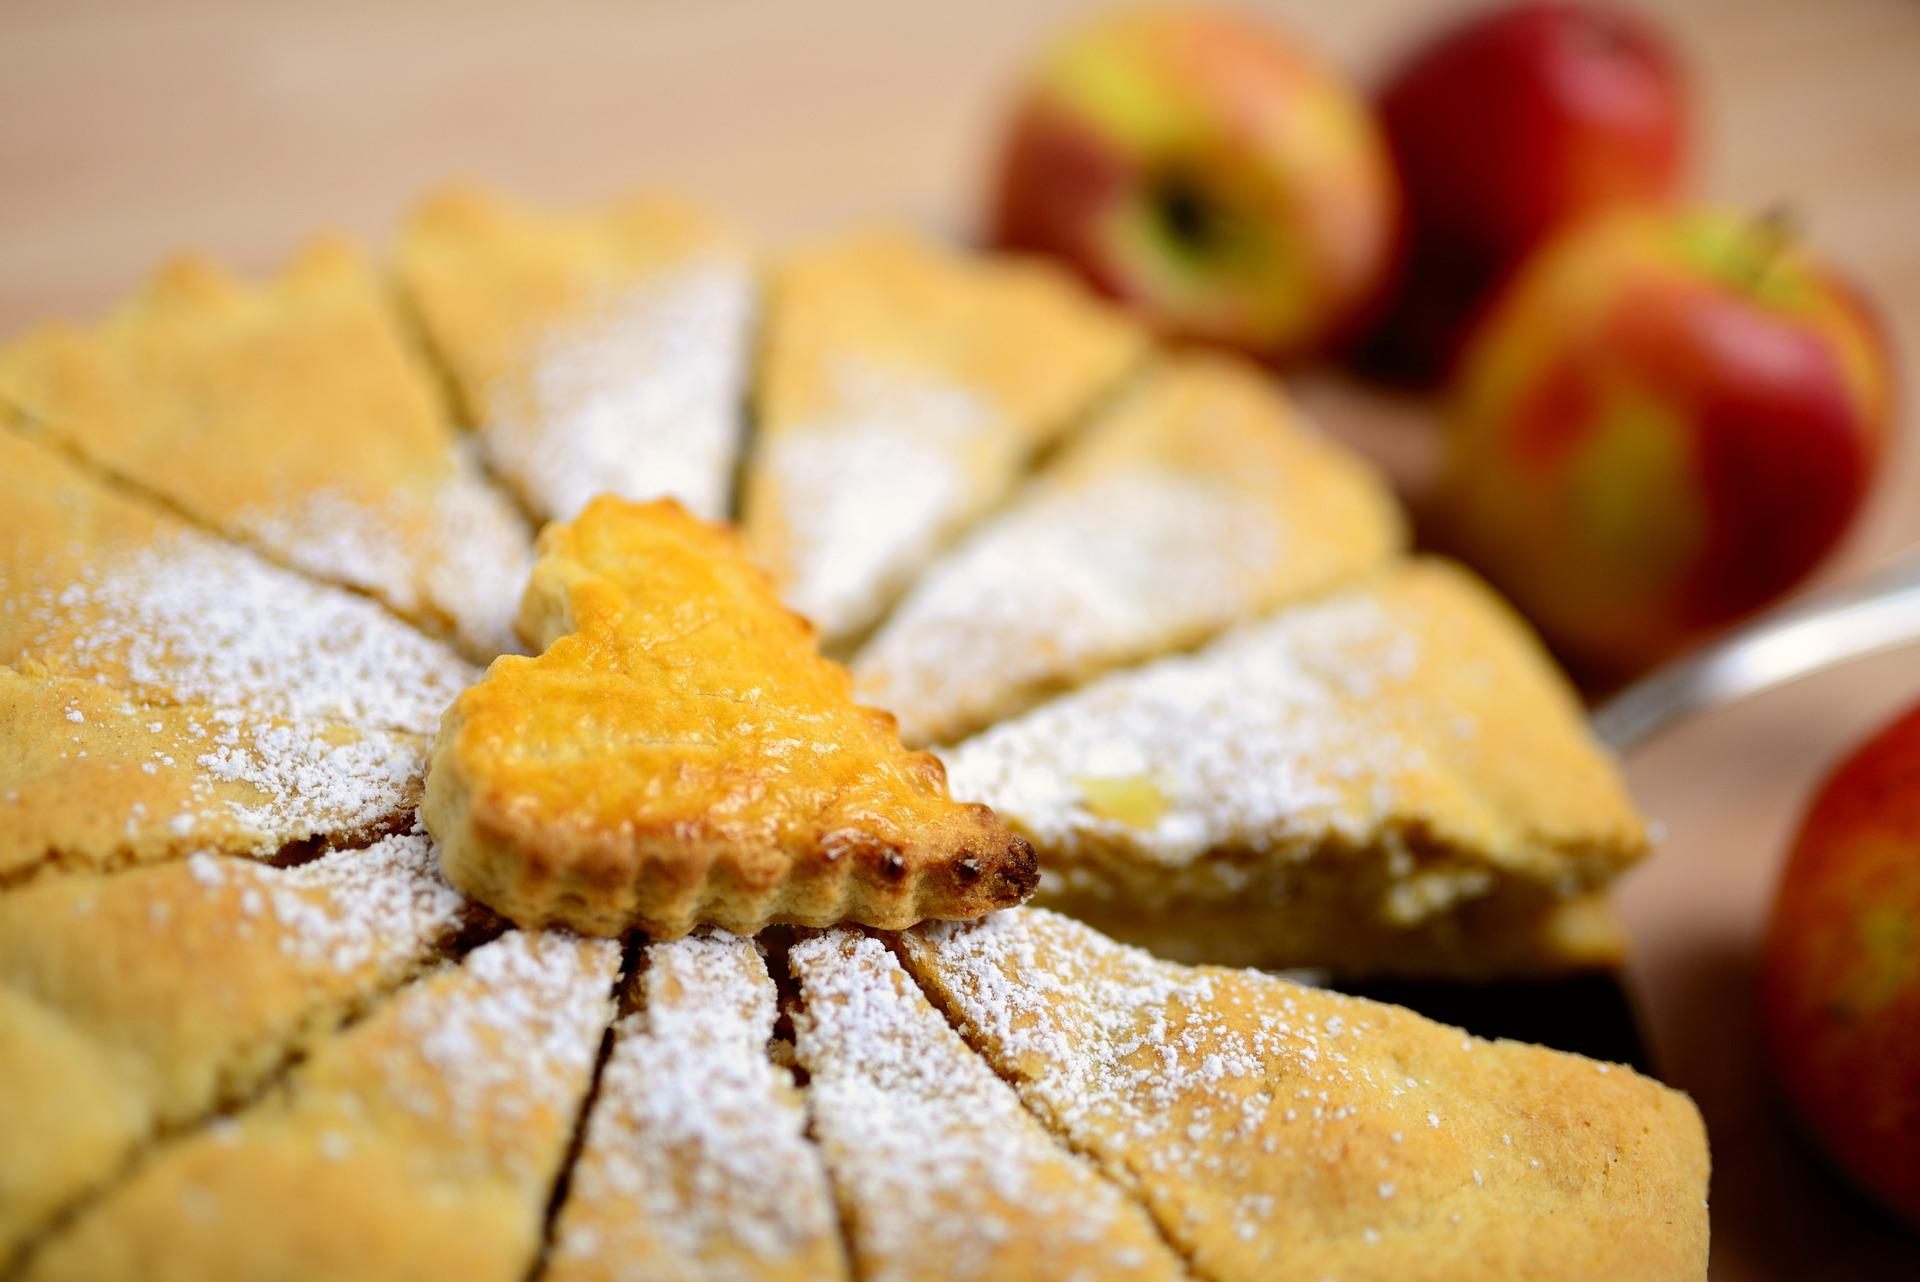 La tarta de manzana es un clásico en repostería